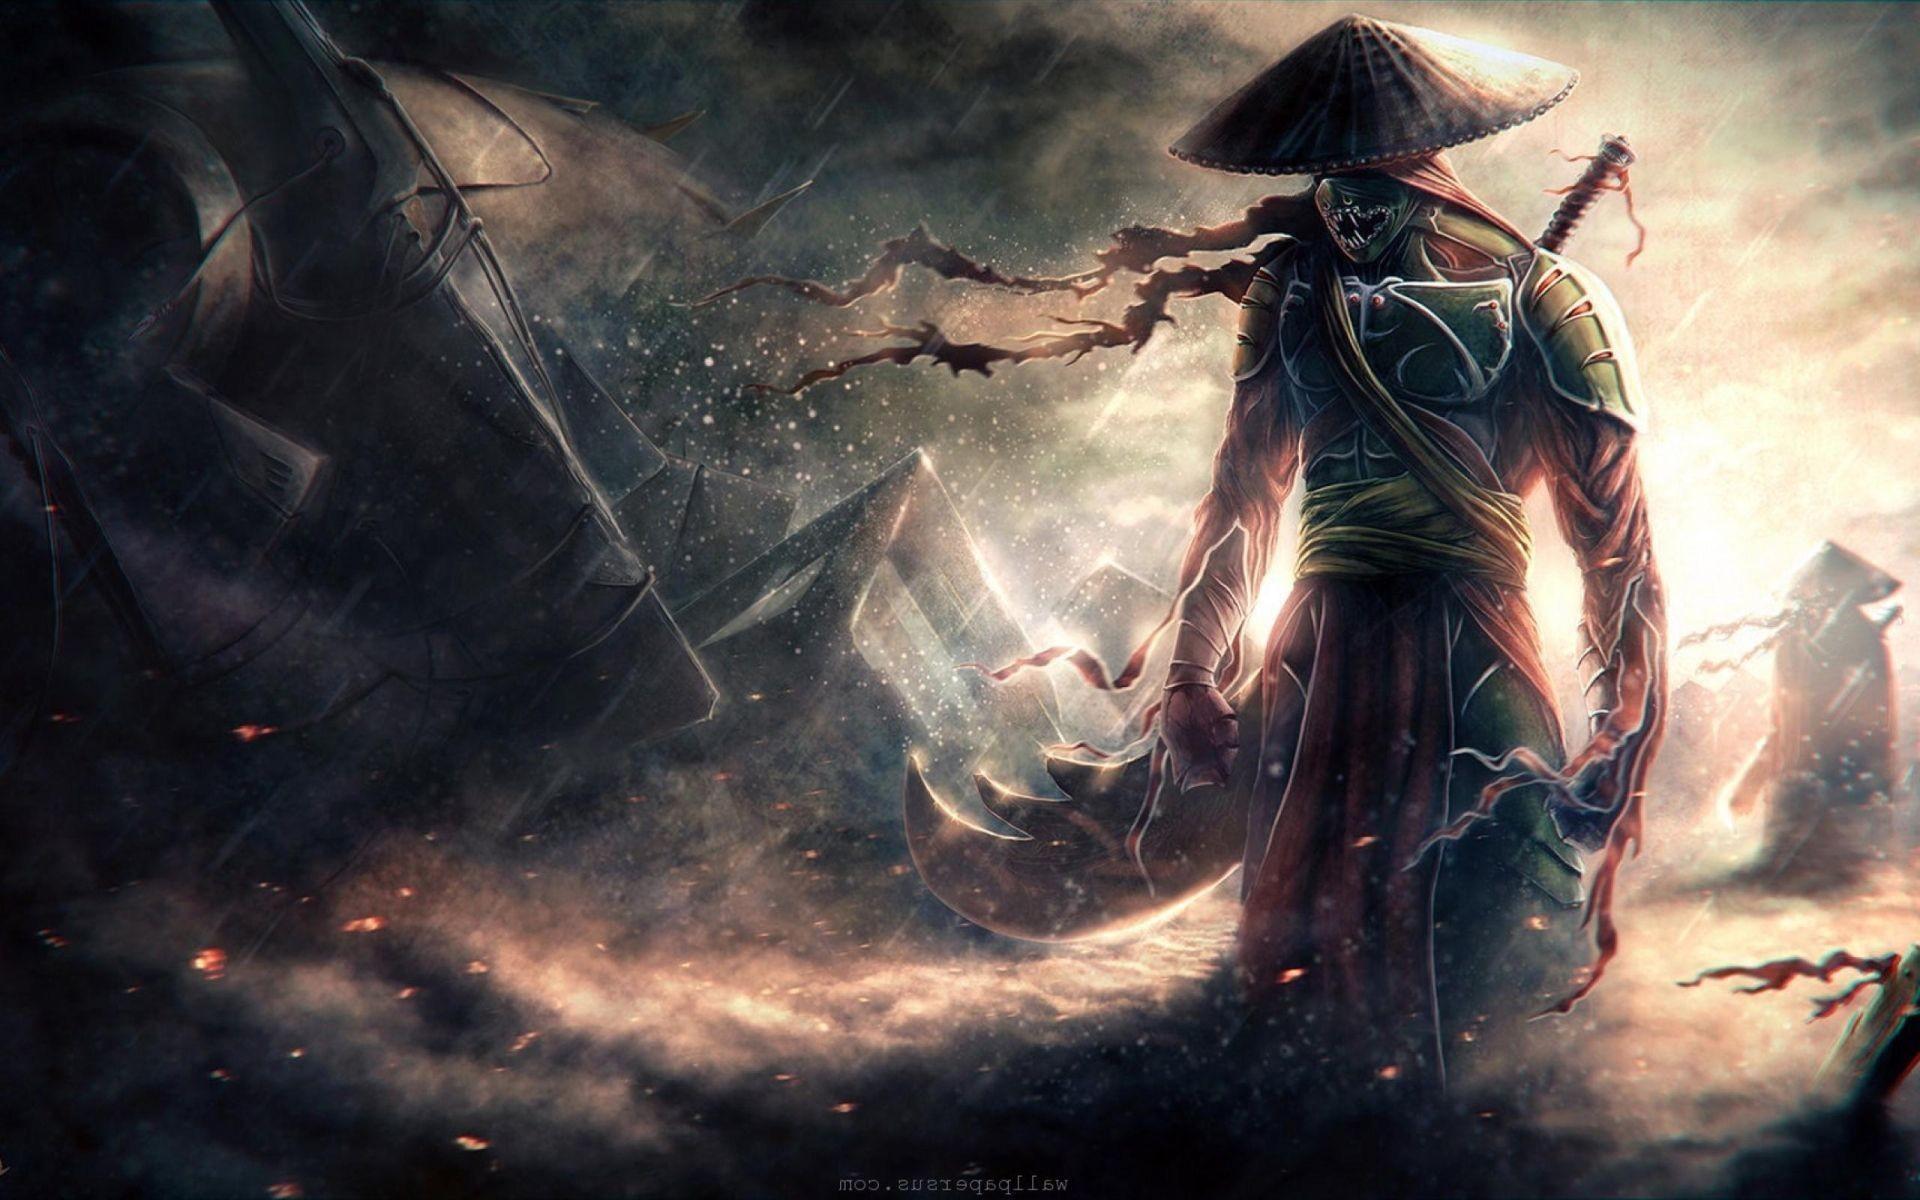 Warrior Backgrounds wallpaper